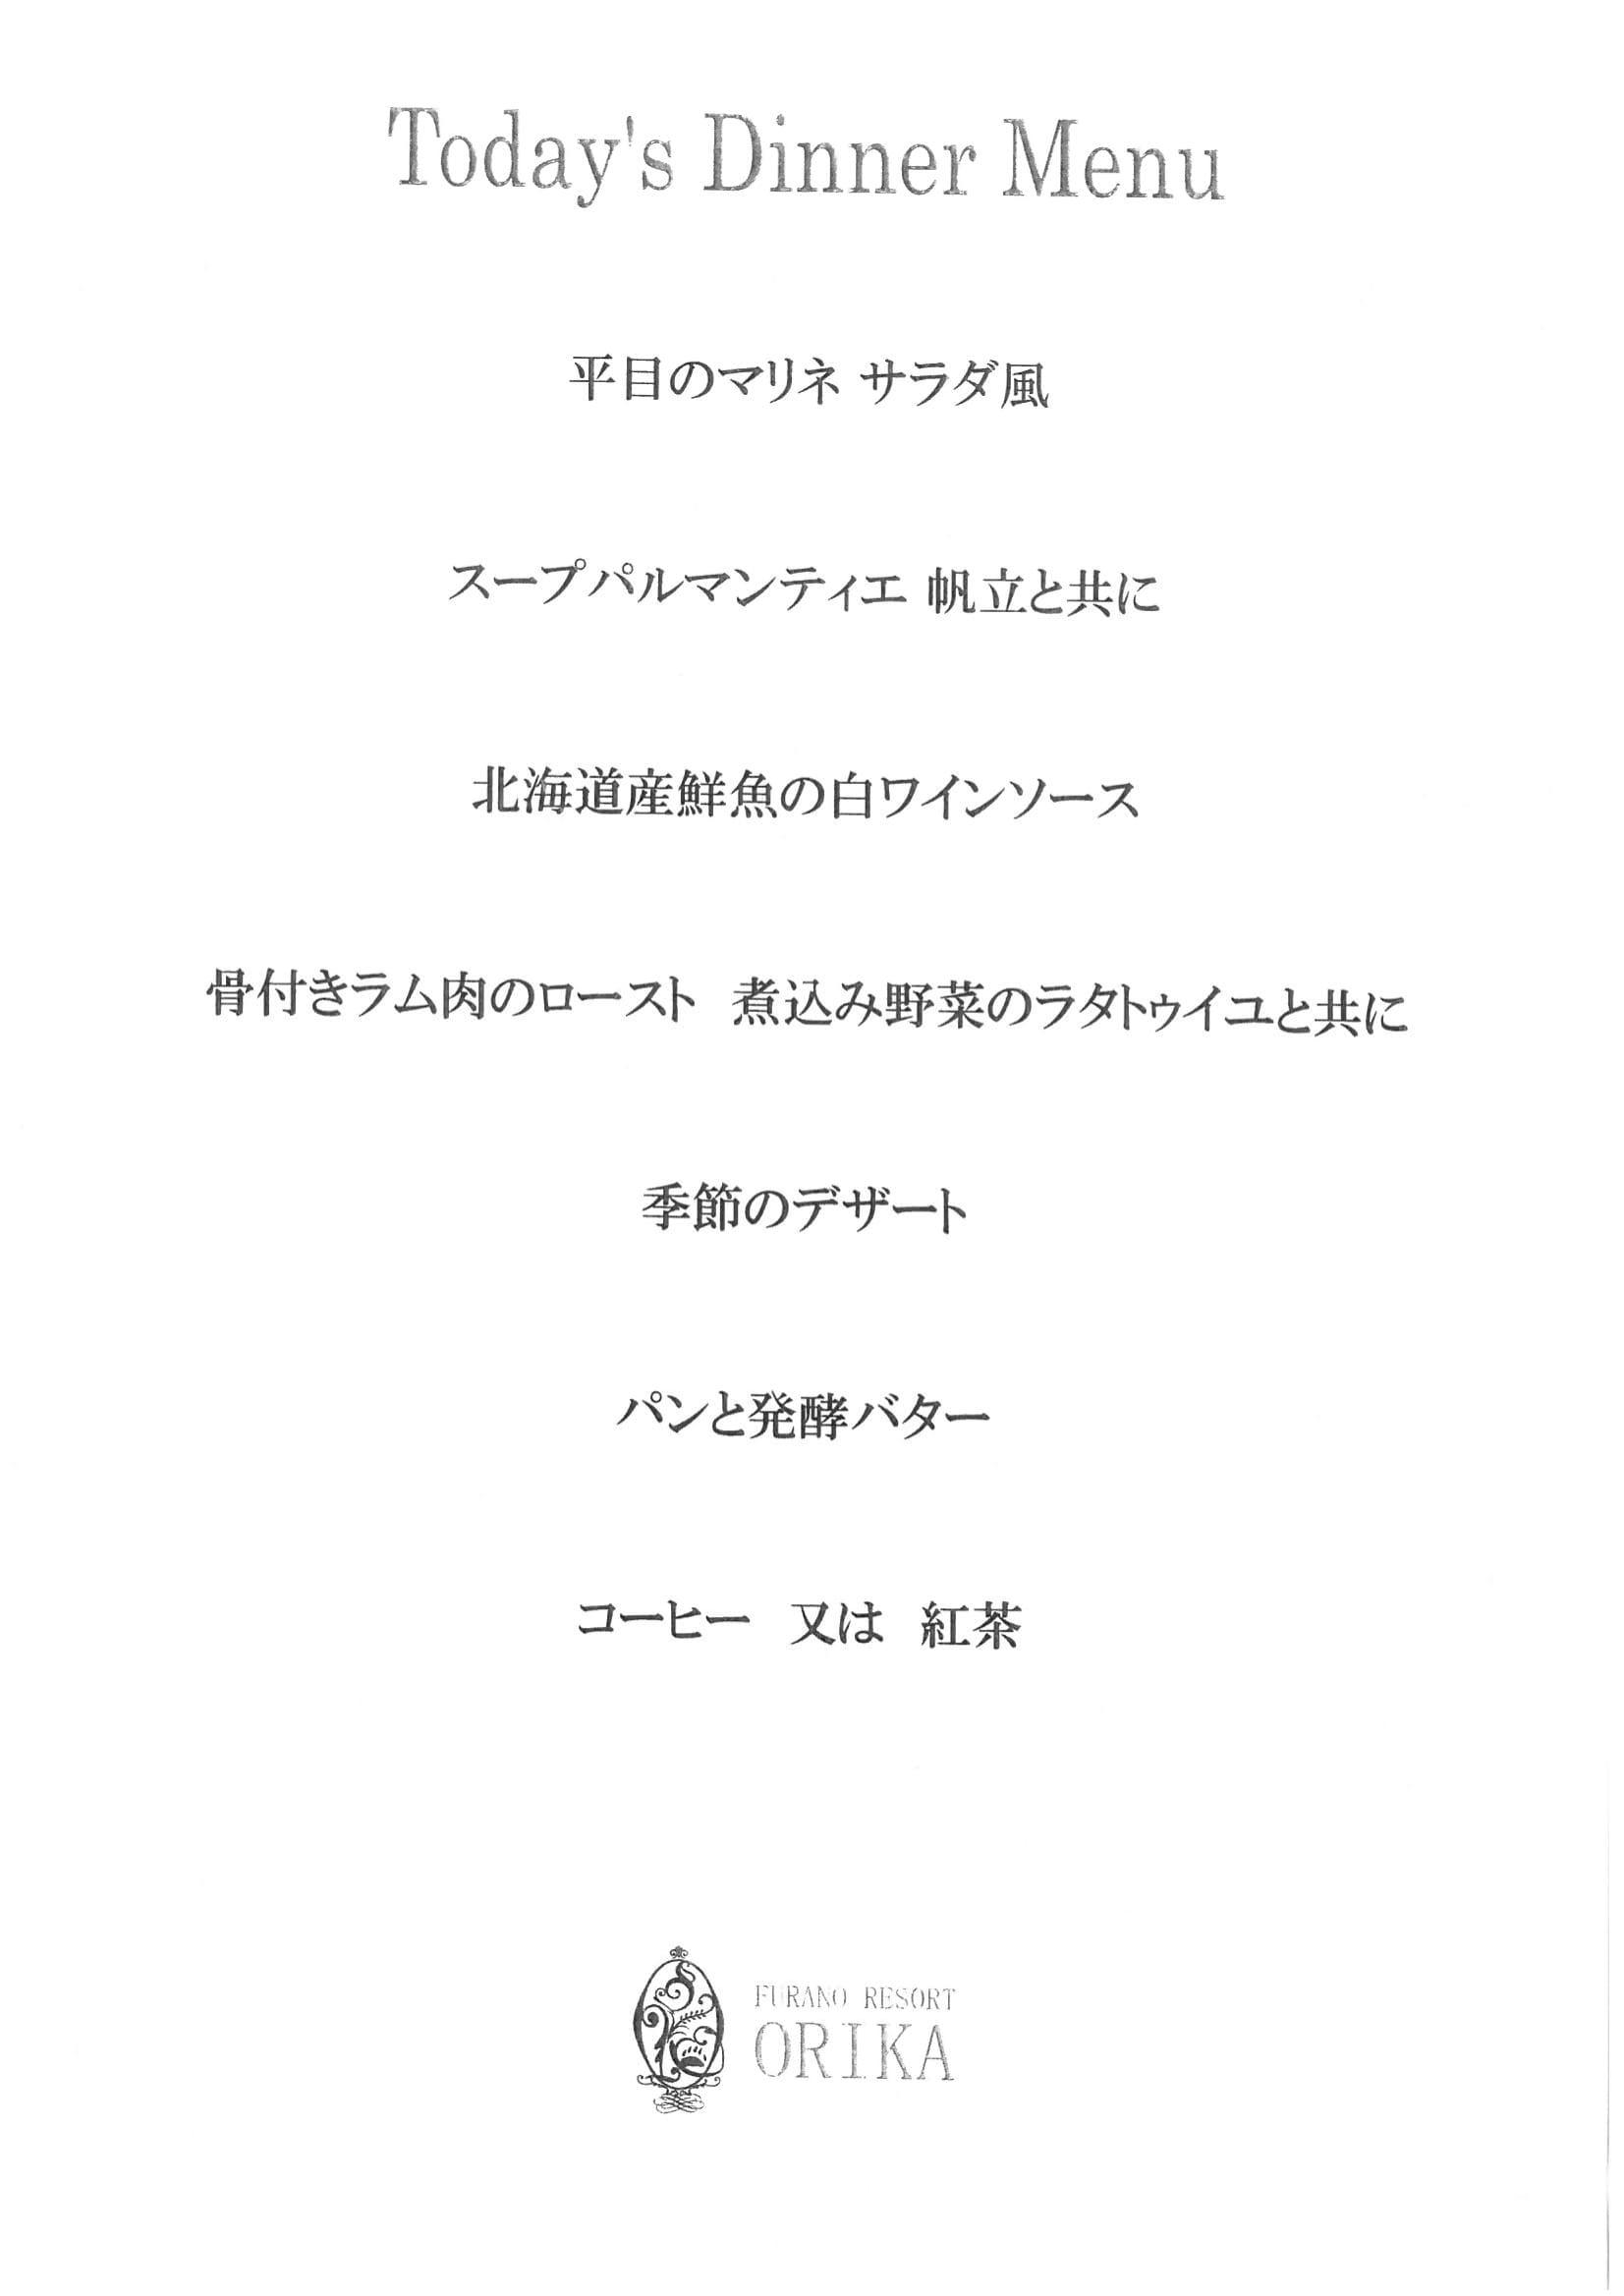 2019秋 洋食コース料理 メニュー